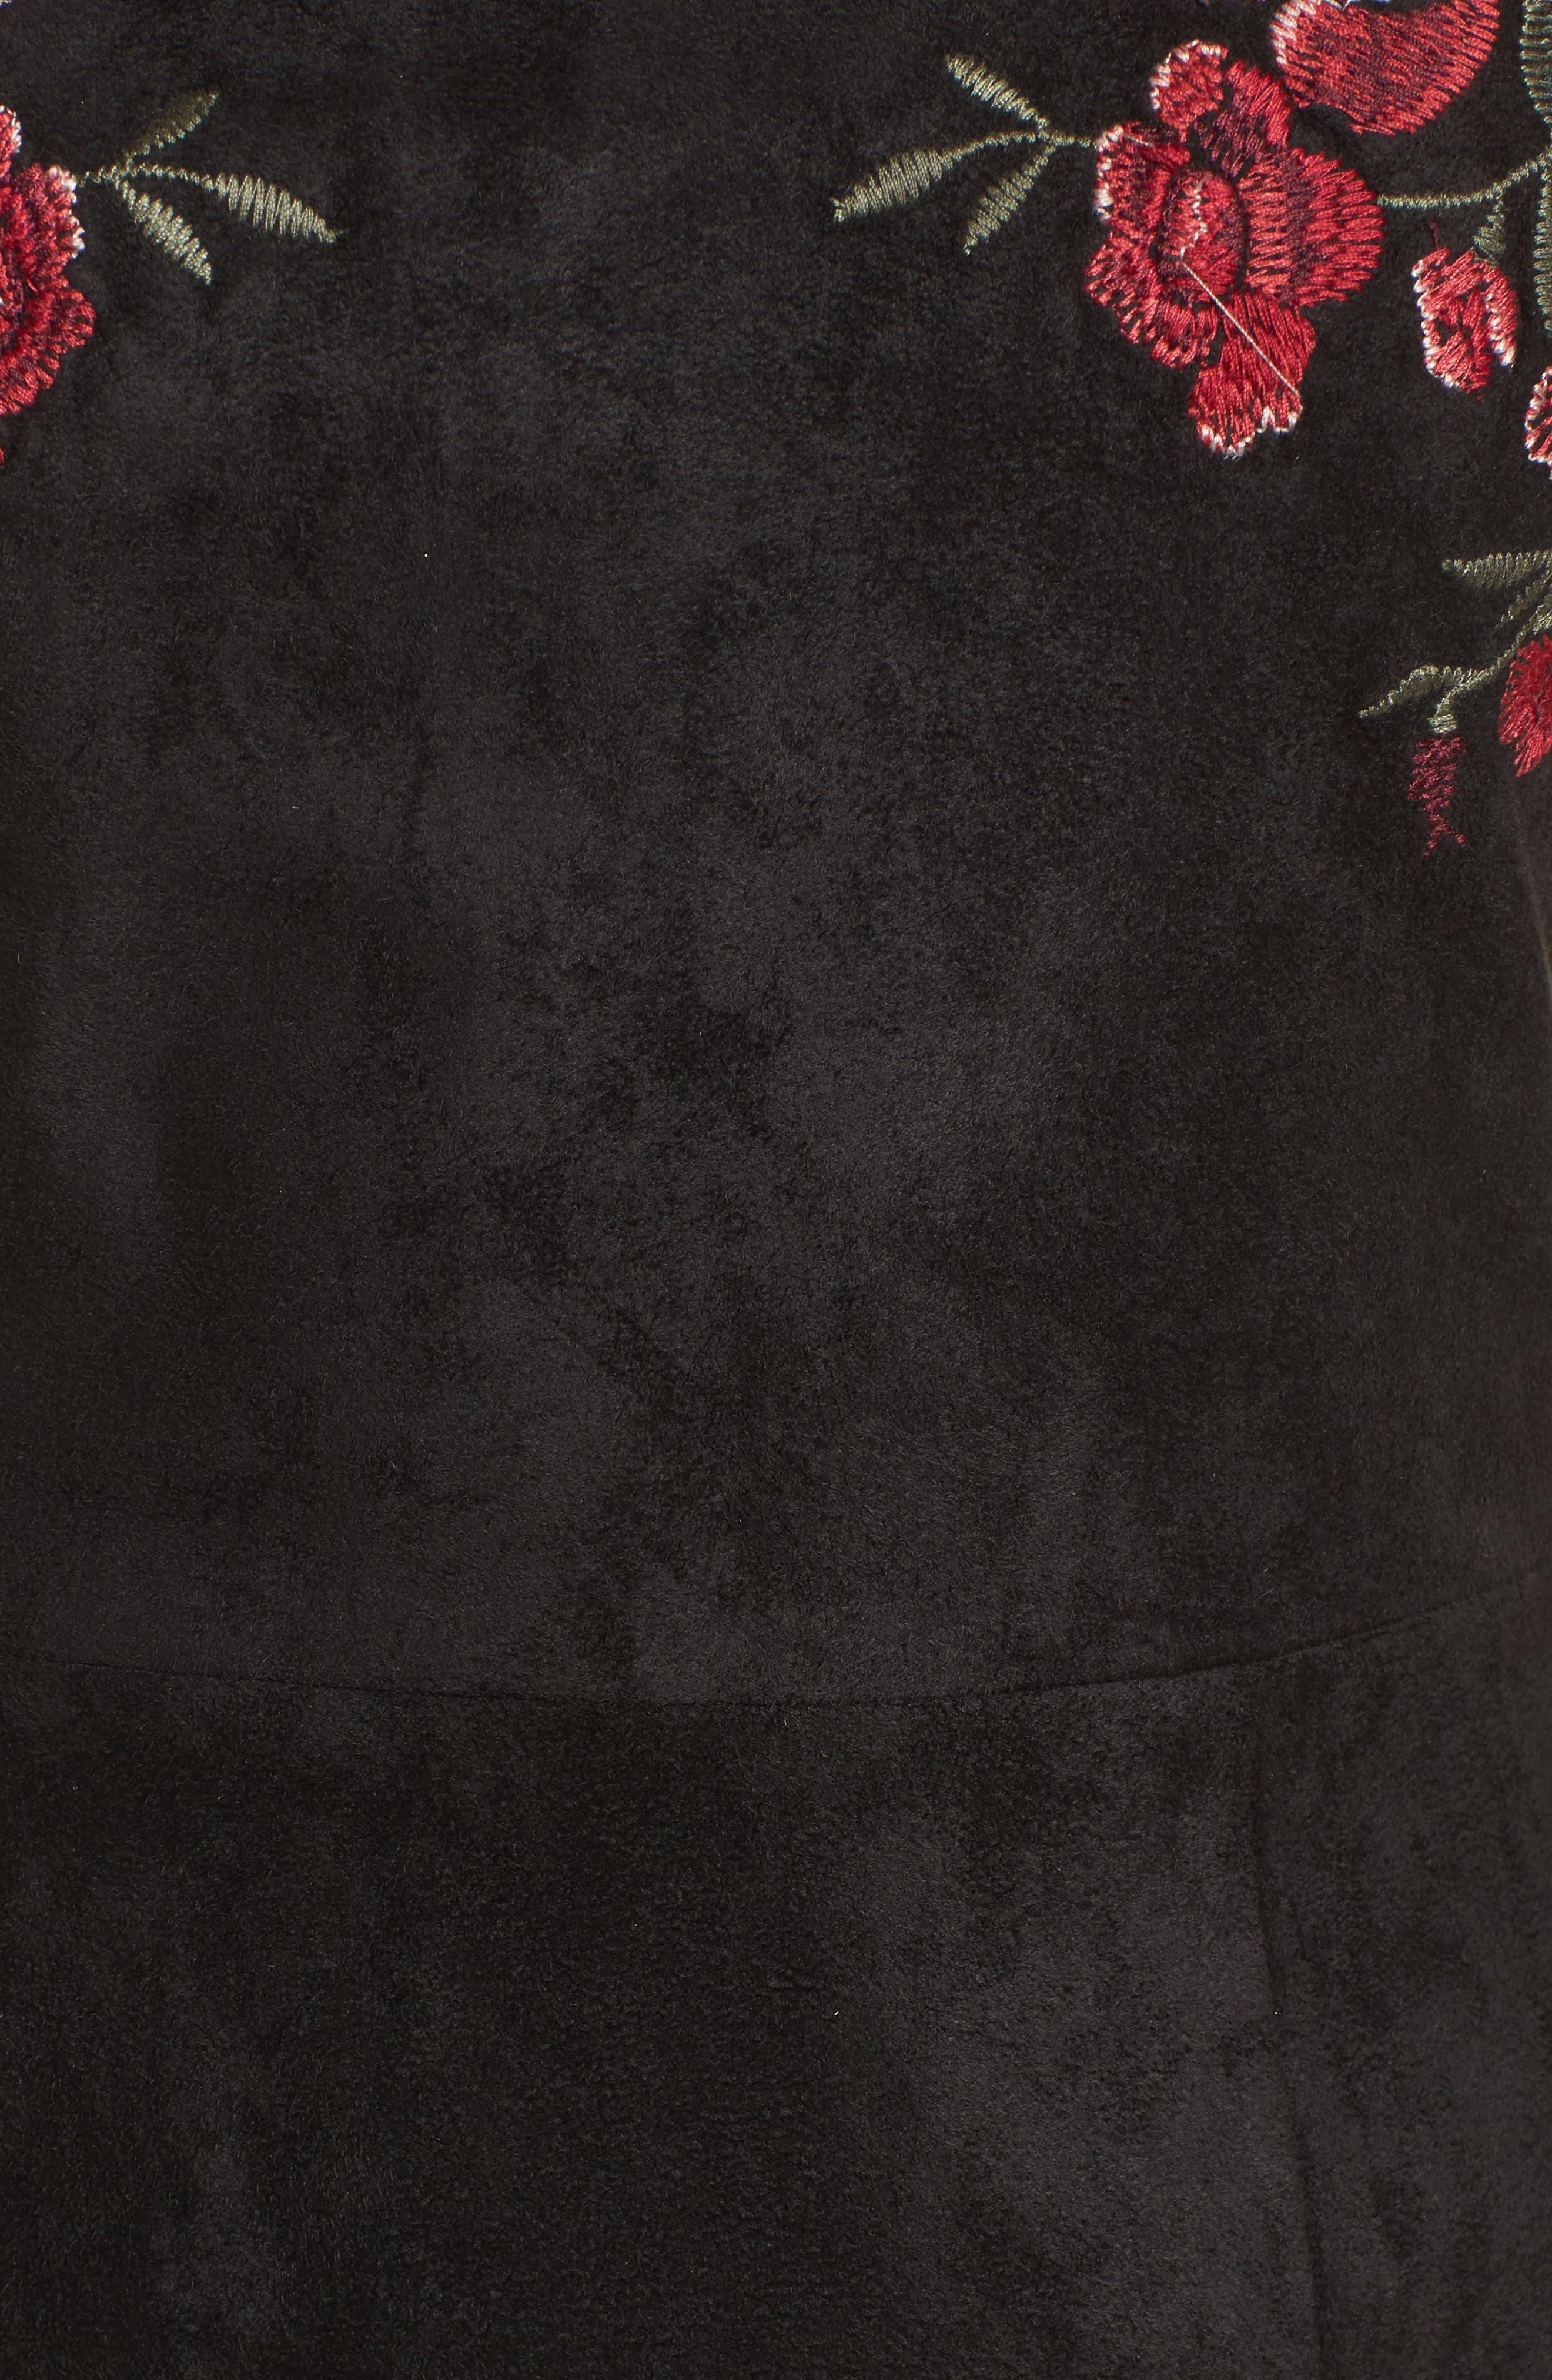 Valet Embroidered Minidress,                             Alternate thumbnail 5, color,                             Black